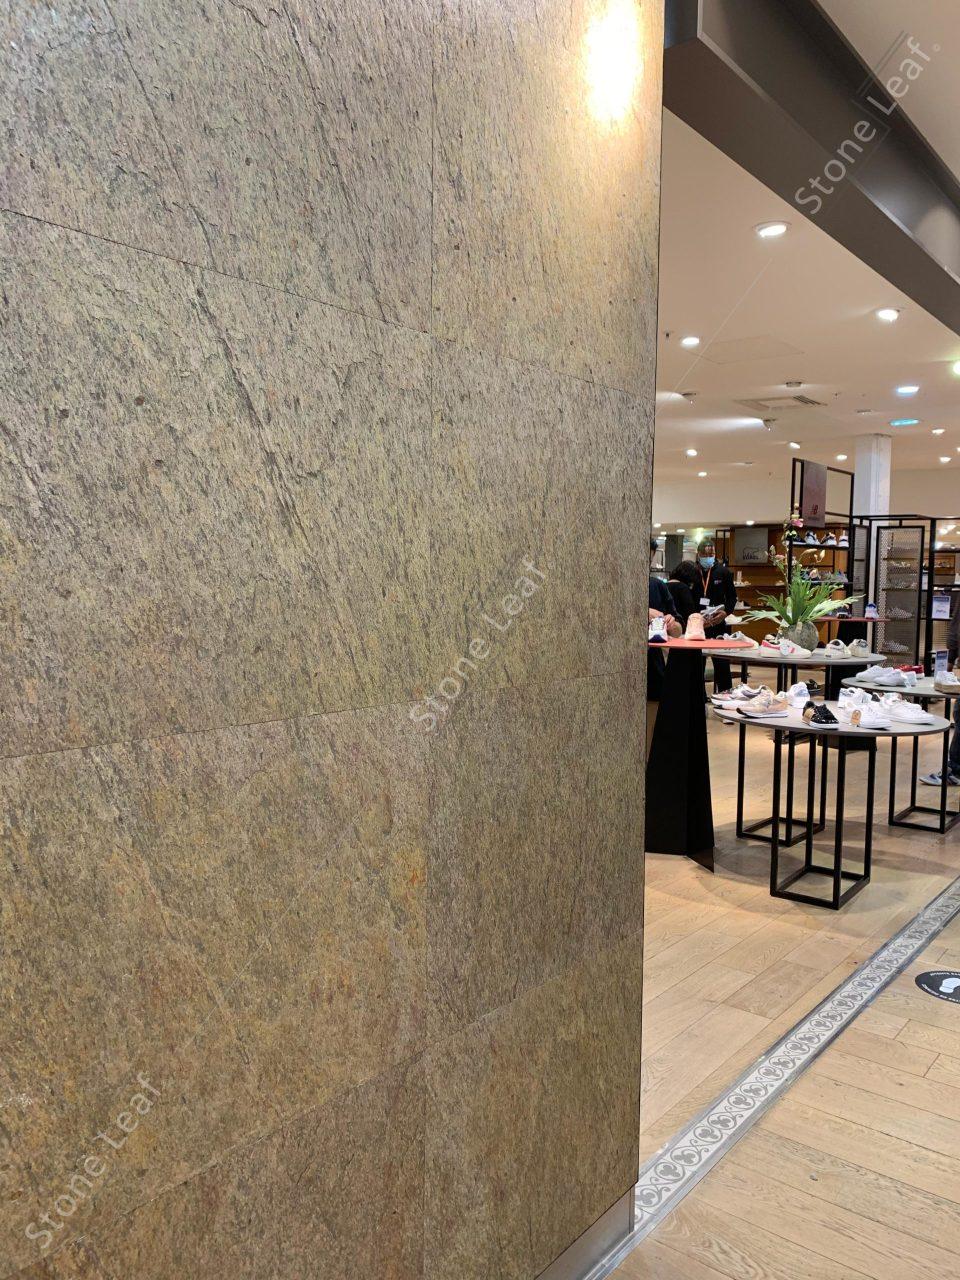 Feuille de pierre 100% naturelle Kuala Lumpur sur les murs d'une boutique